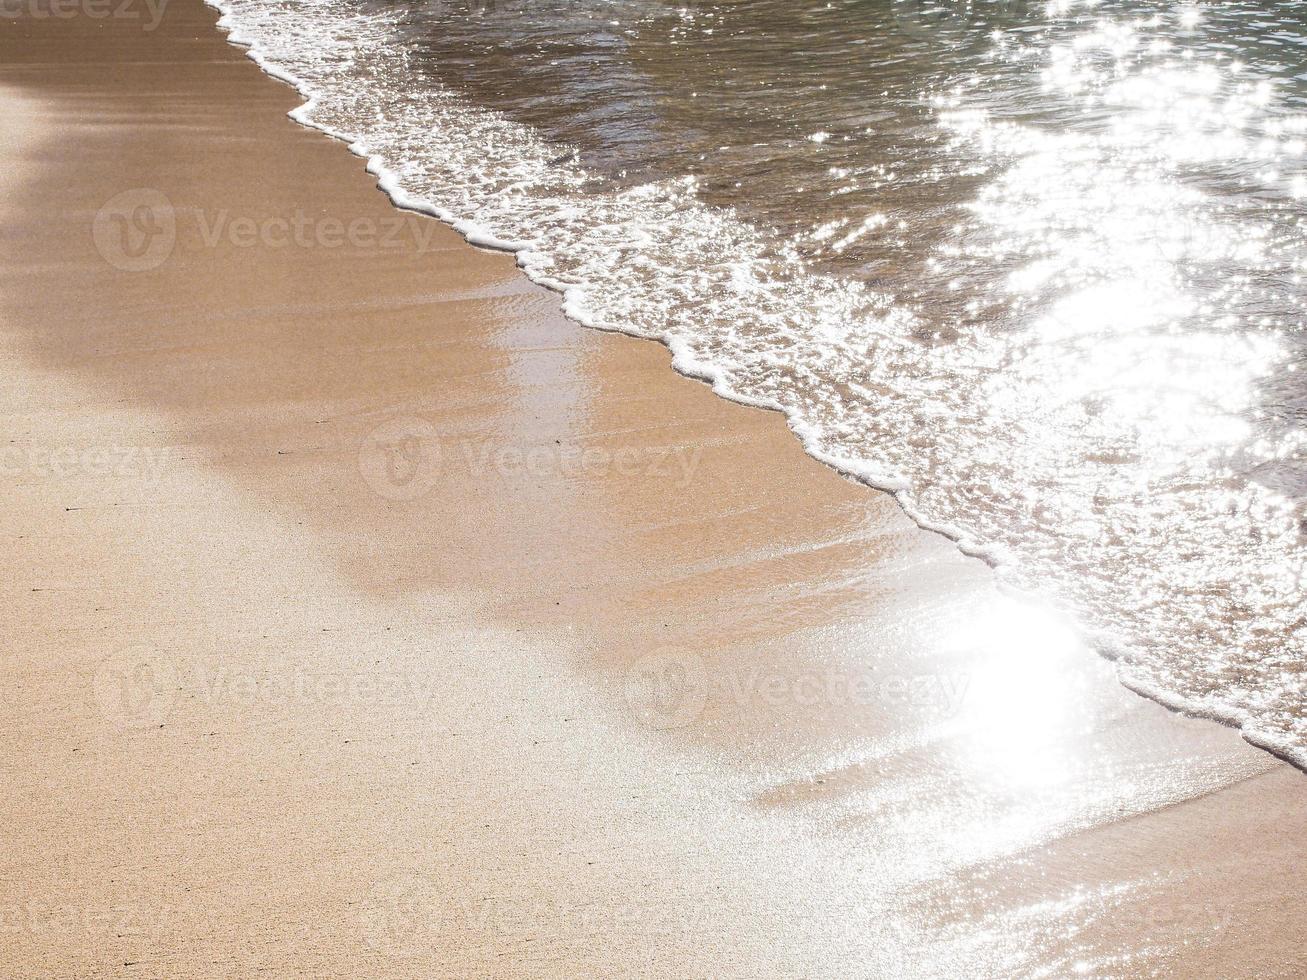 Wave of Waikiki Beach photo